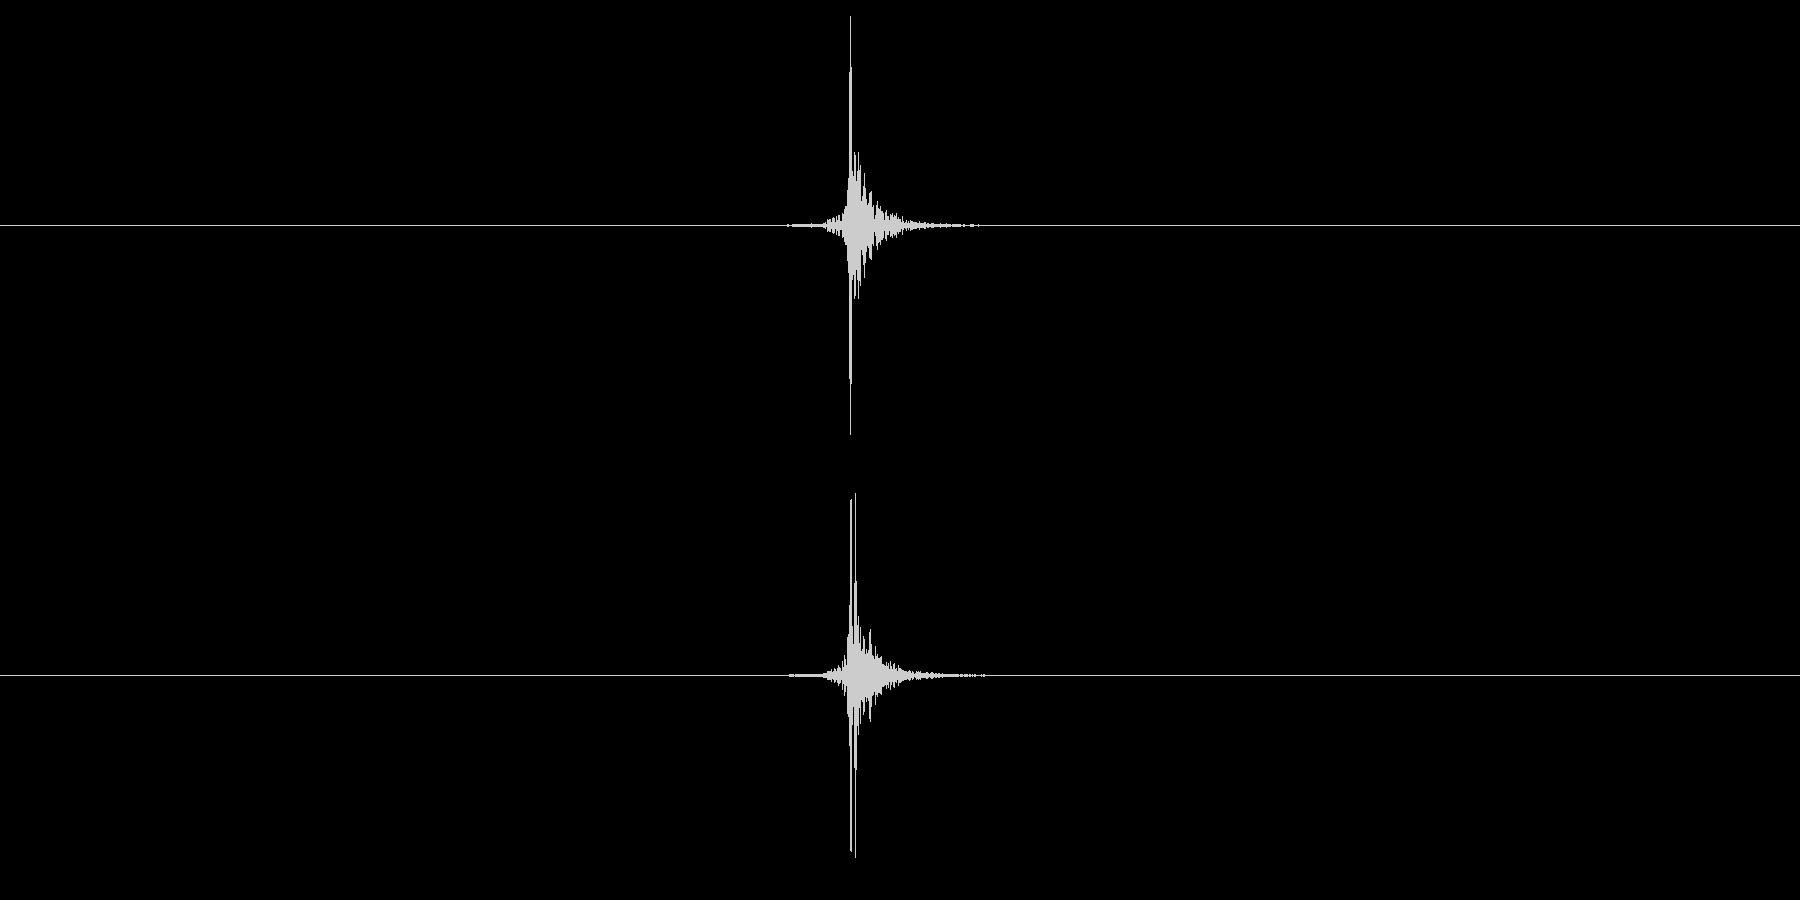 【生音】指・パッチン - 2 「ぱっち…の未再生の波形